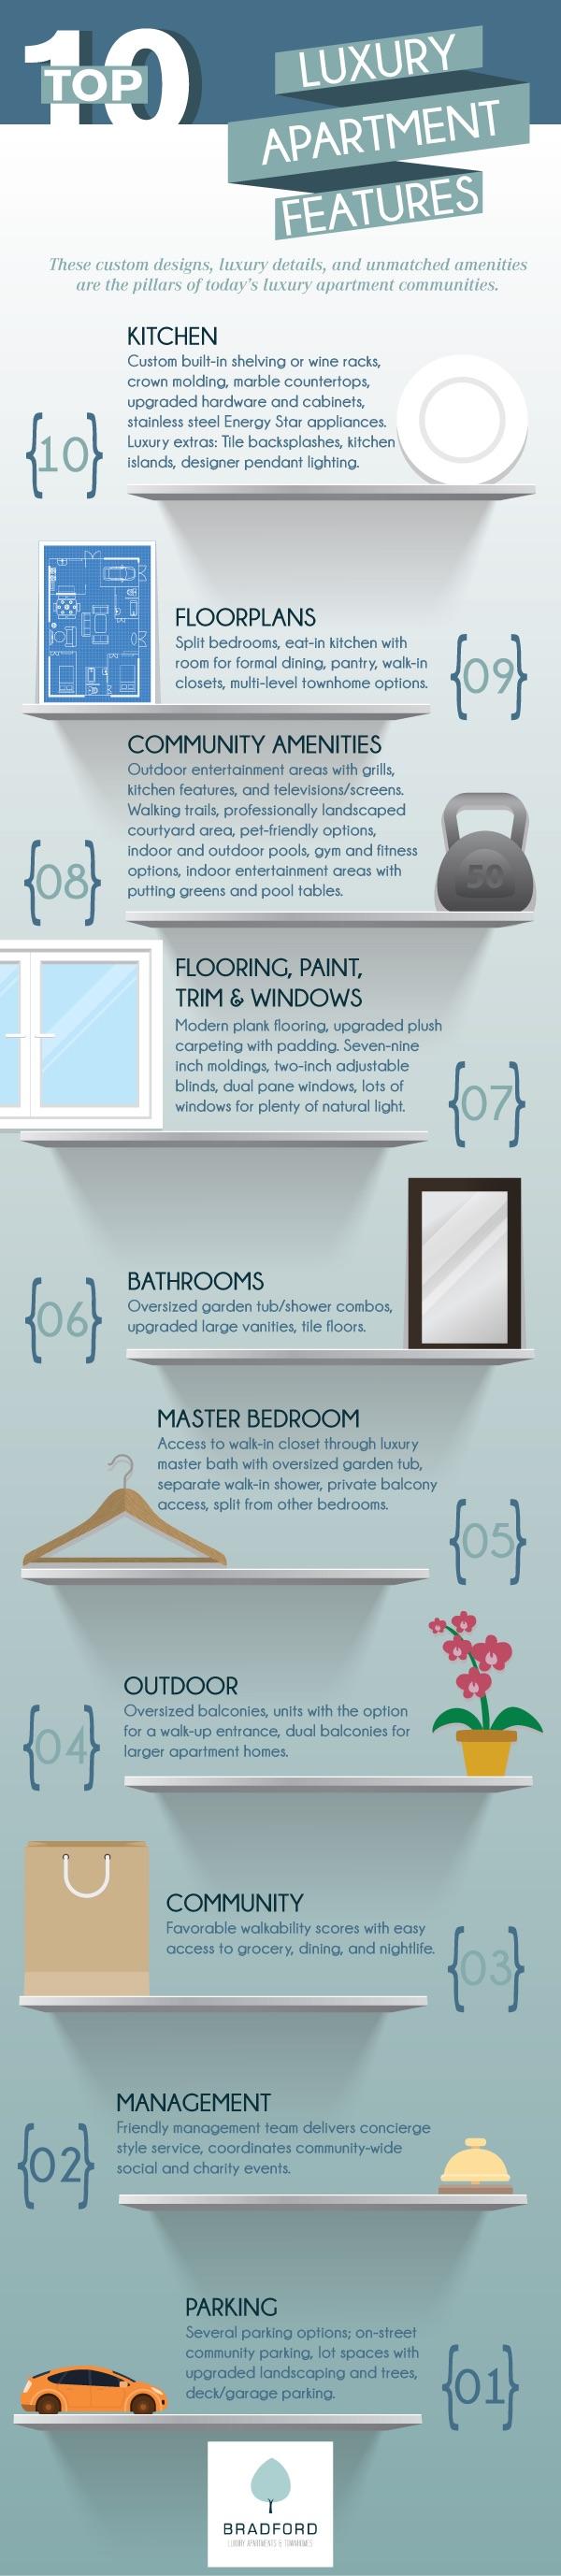 Luxury Apartment info